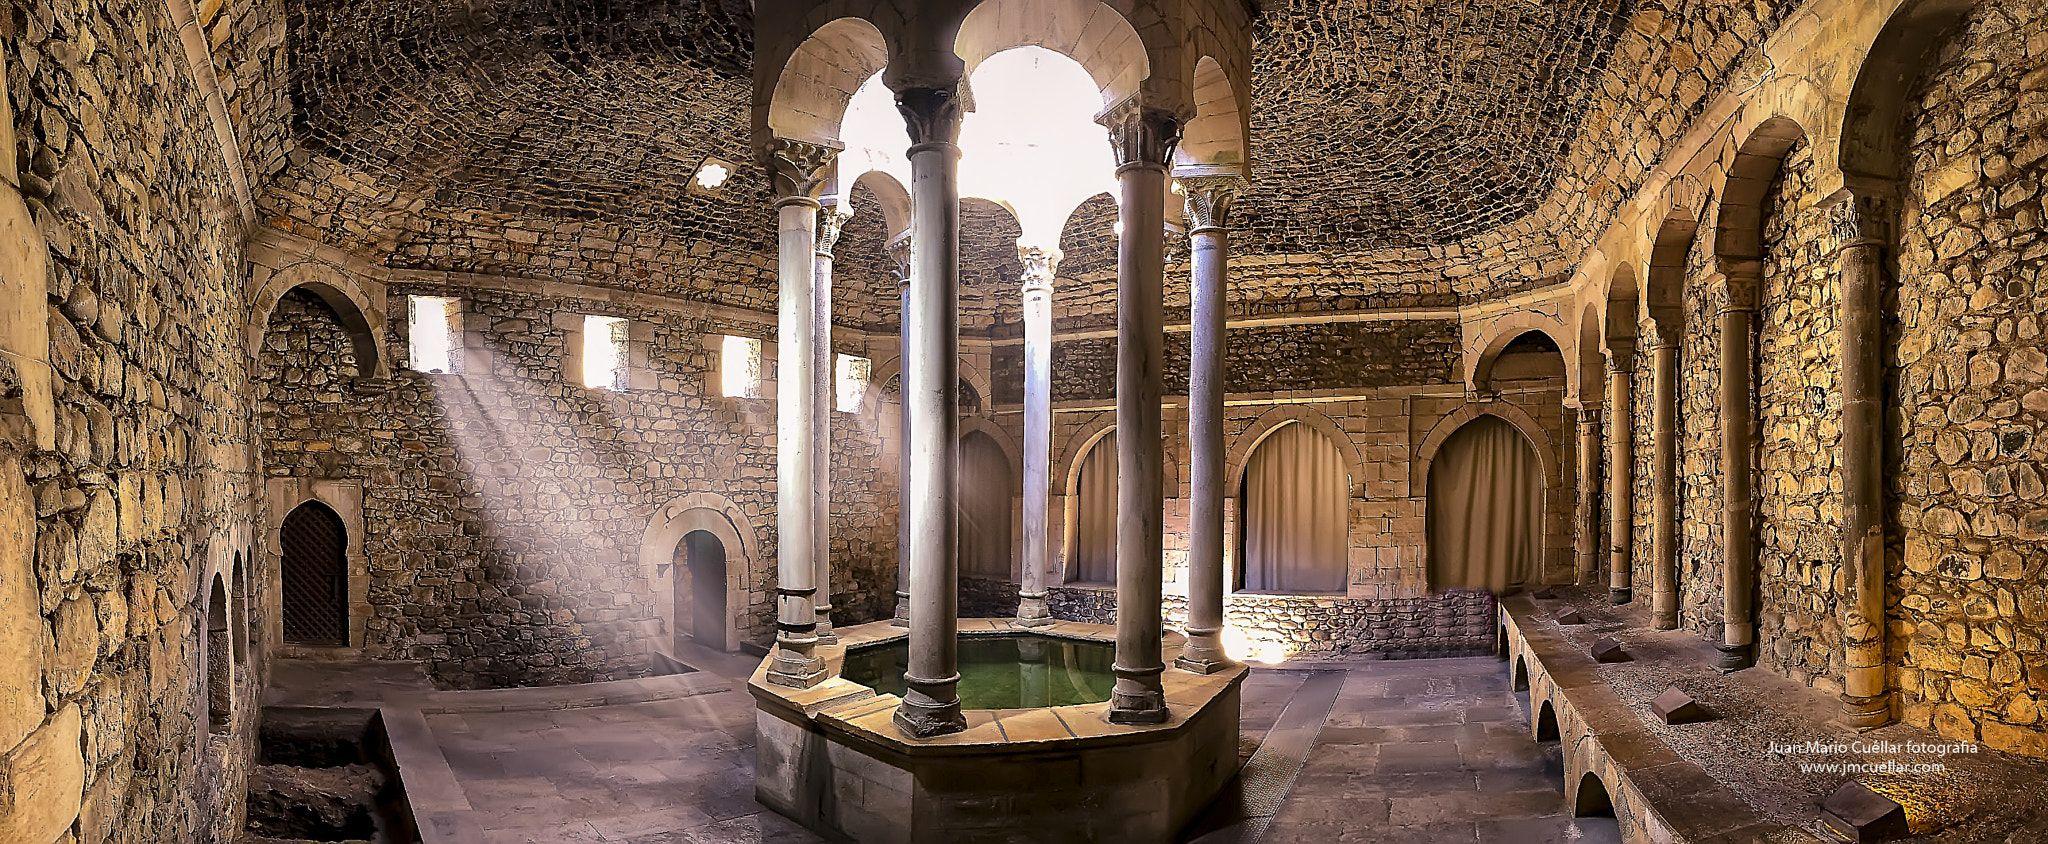 Banos Arabes Girona Construccion Romanica S Xii Inspirada En